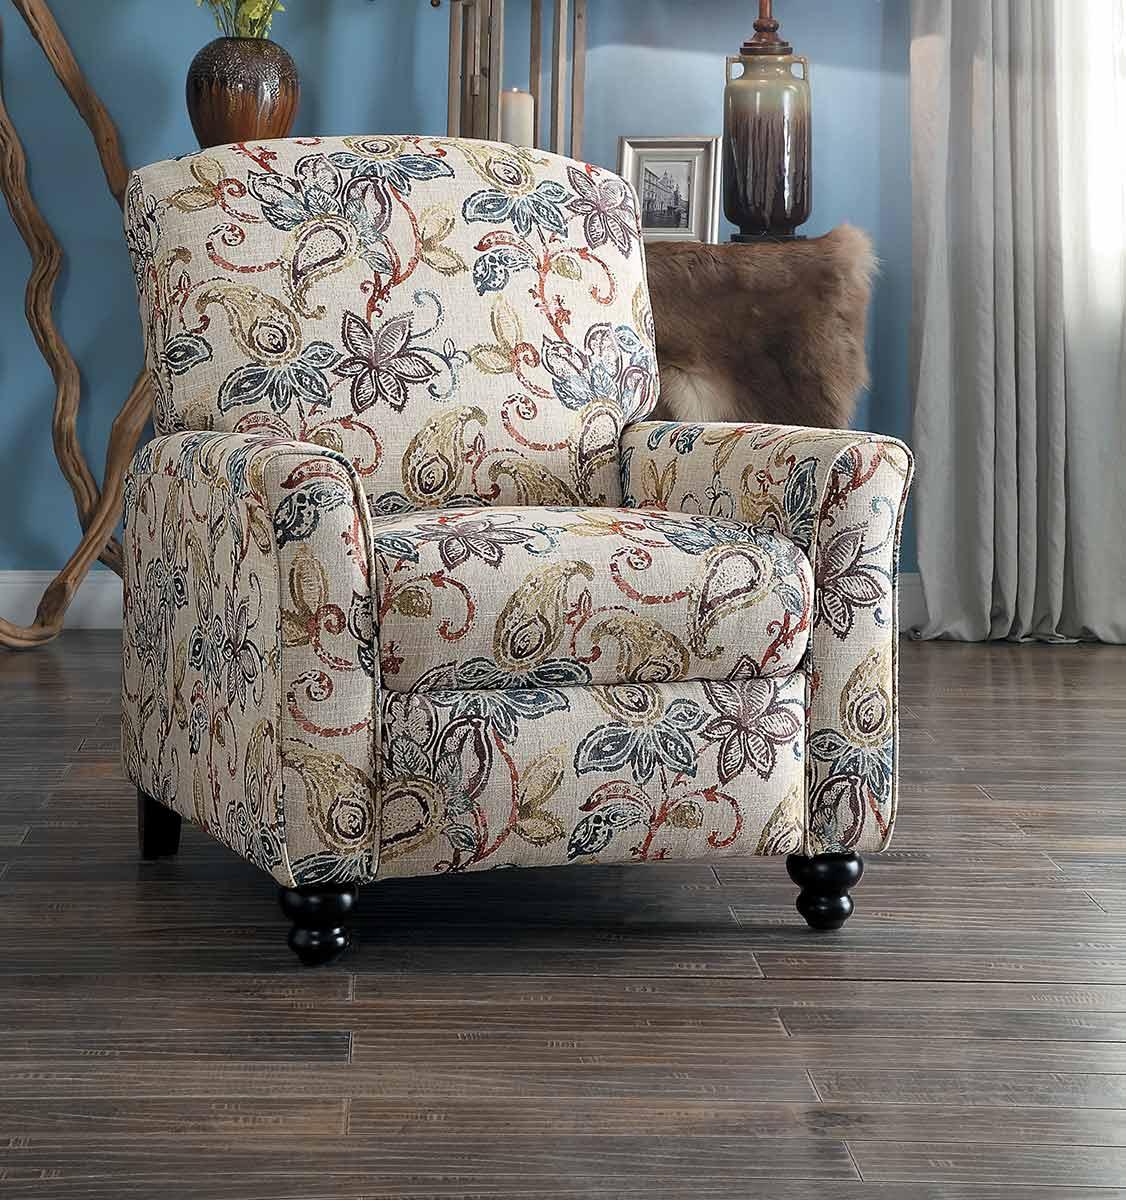 Homelegance Velsen Push Back Reclining Chair - Multi-Color